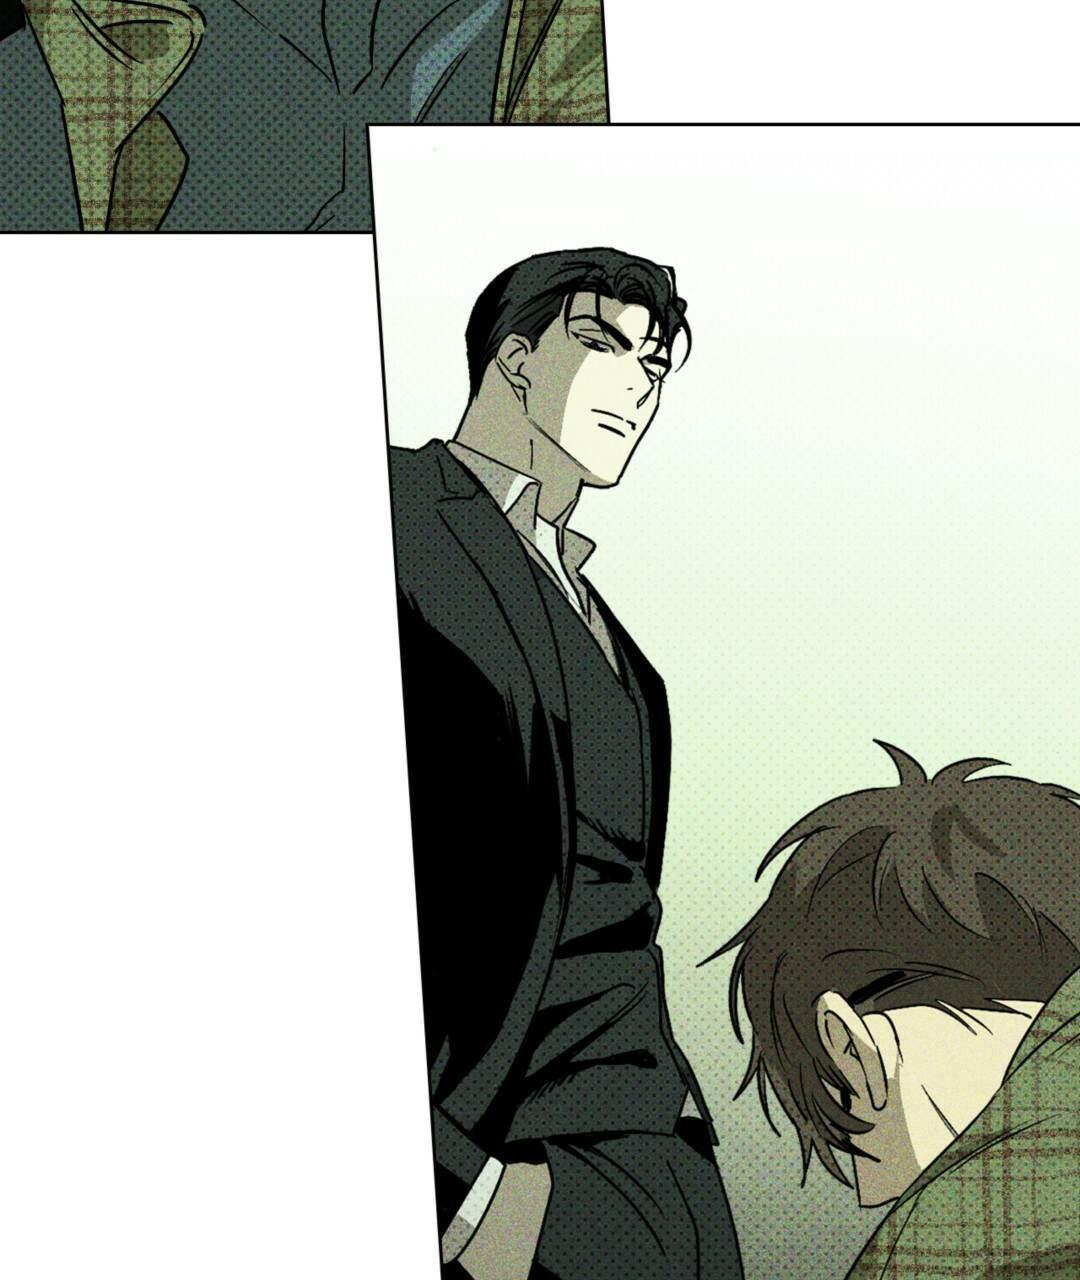 韩漫  《绿色镌像》这男人竟该死的甜美~纯情男大学生x黑帮大佬  第25张